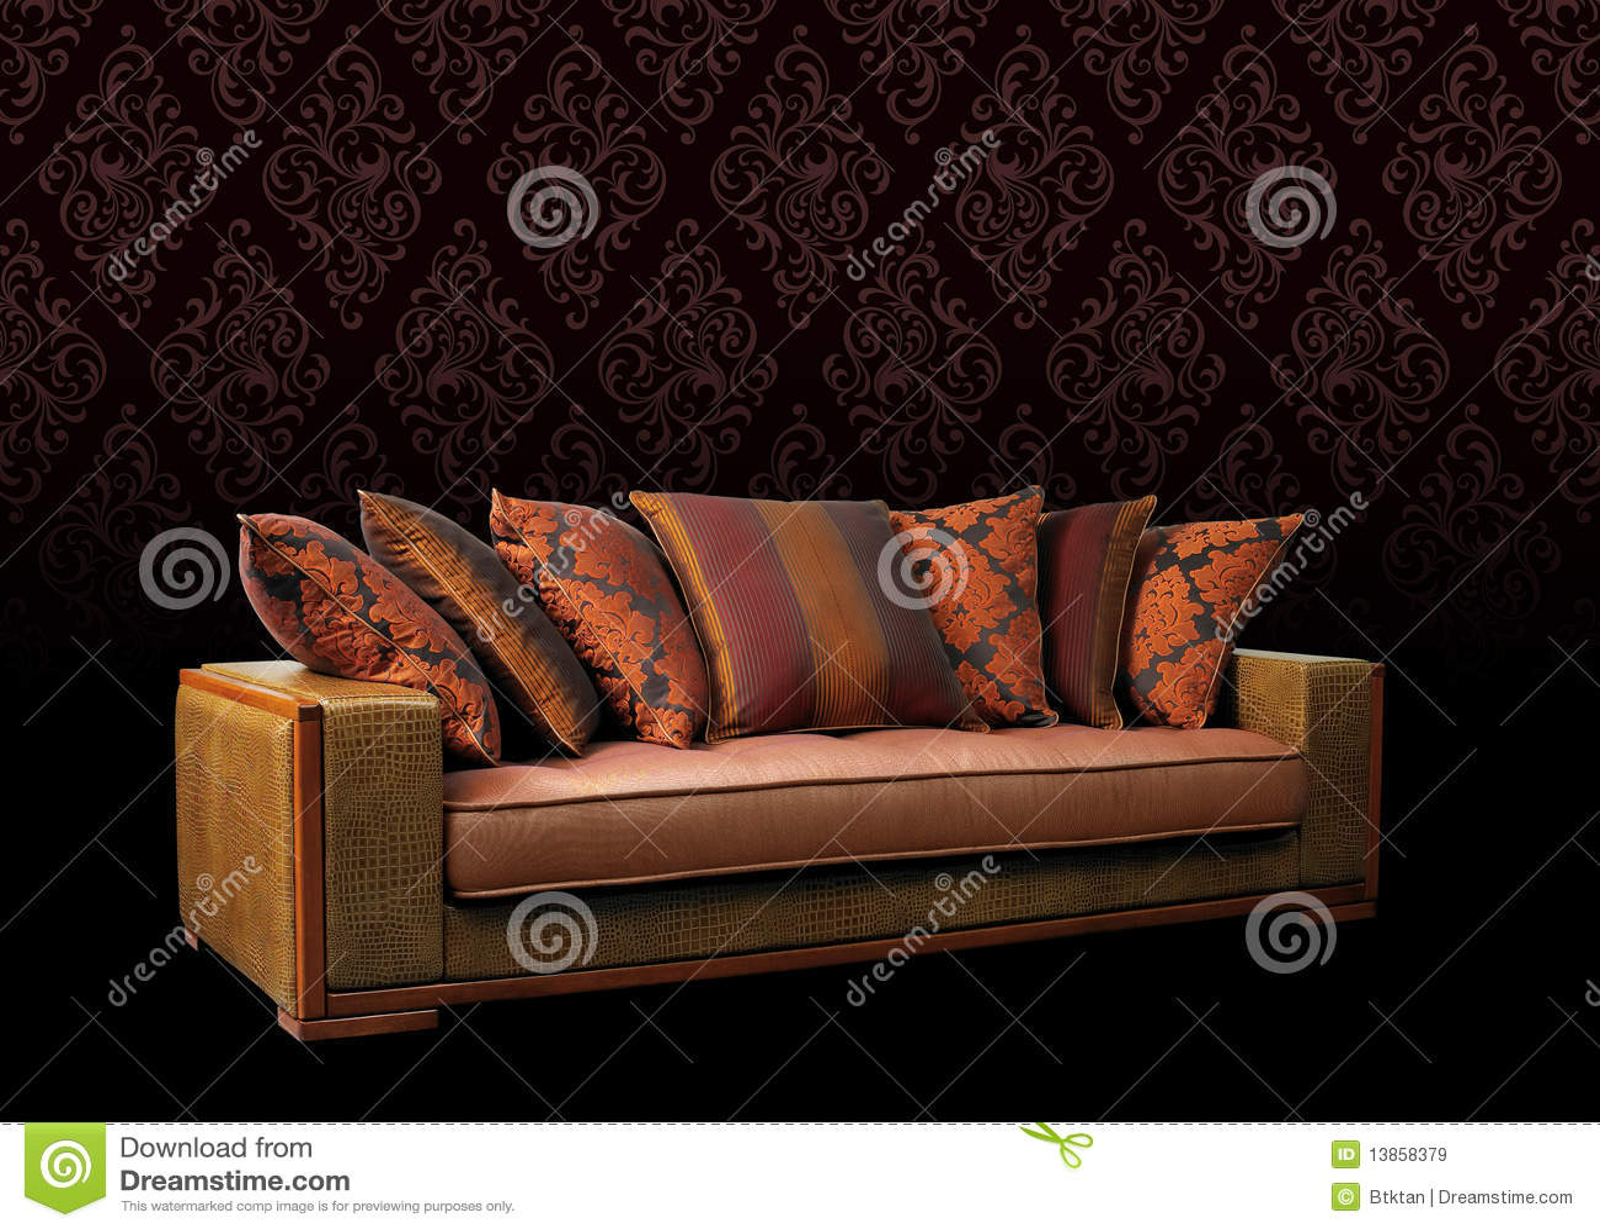 Het meubilair van de bank royalty vrije stock afbeeldingen afbeelding 13858379 - Meubilair van de ingang spiegel ...